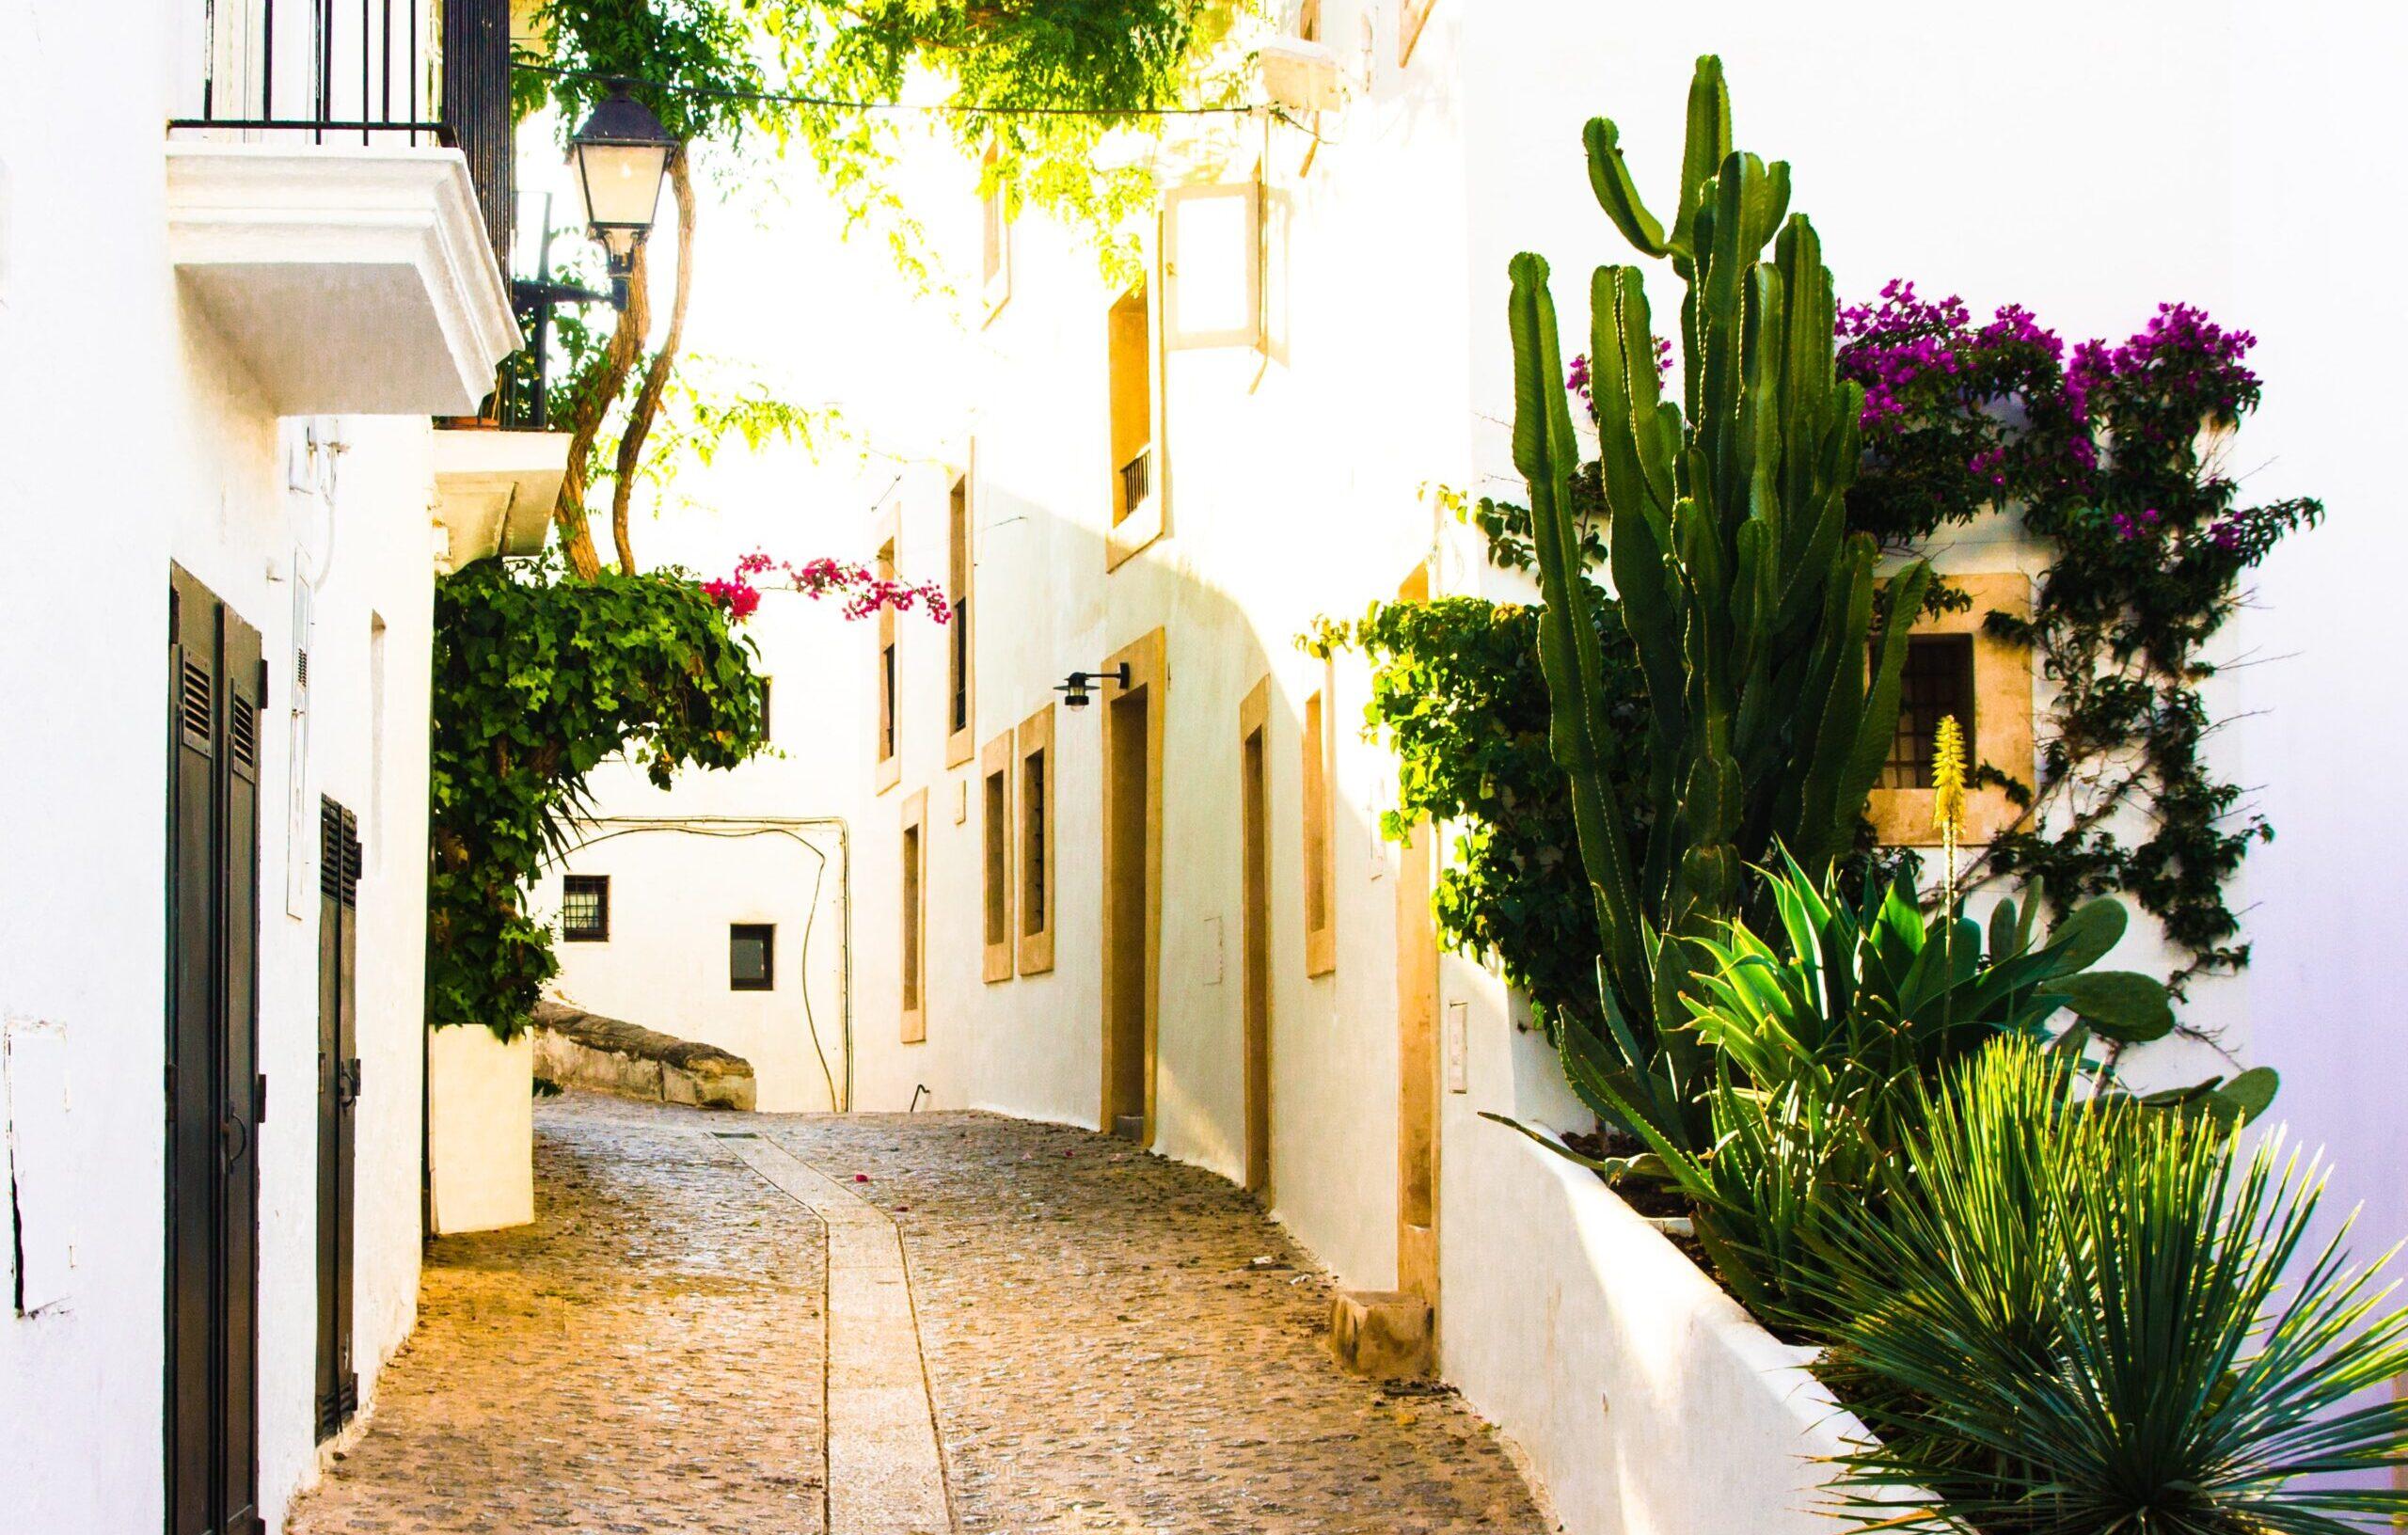 Off-plan vs. Re-sale properties in Spain